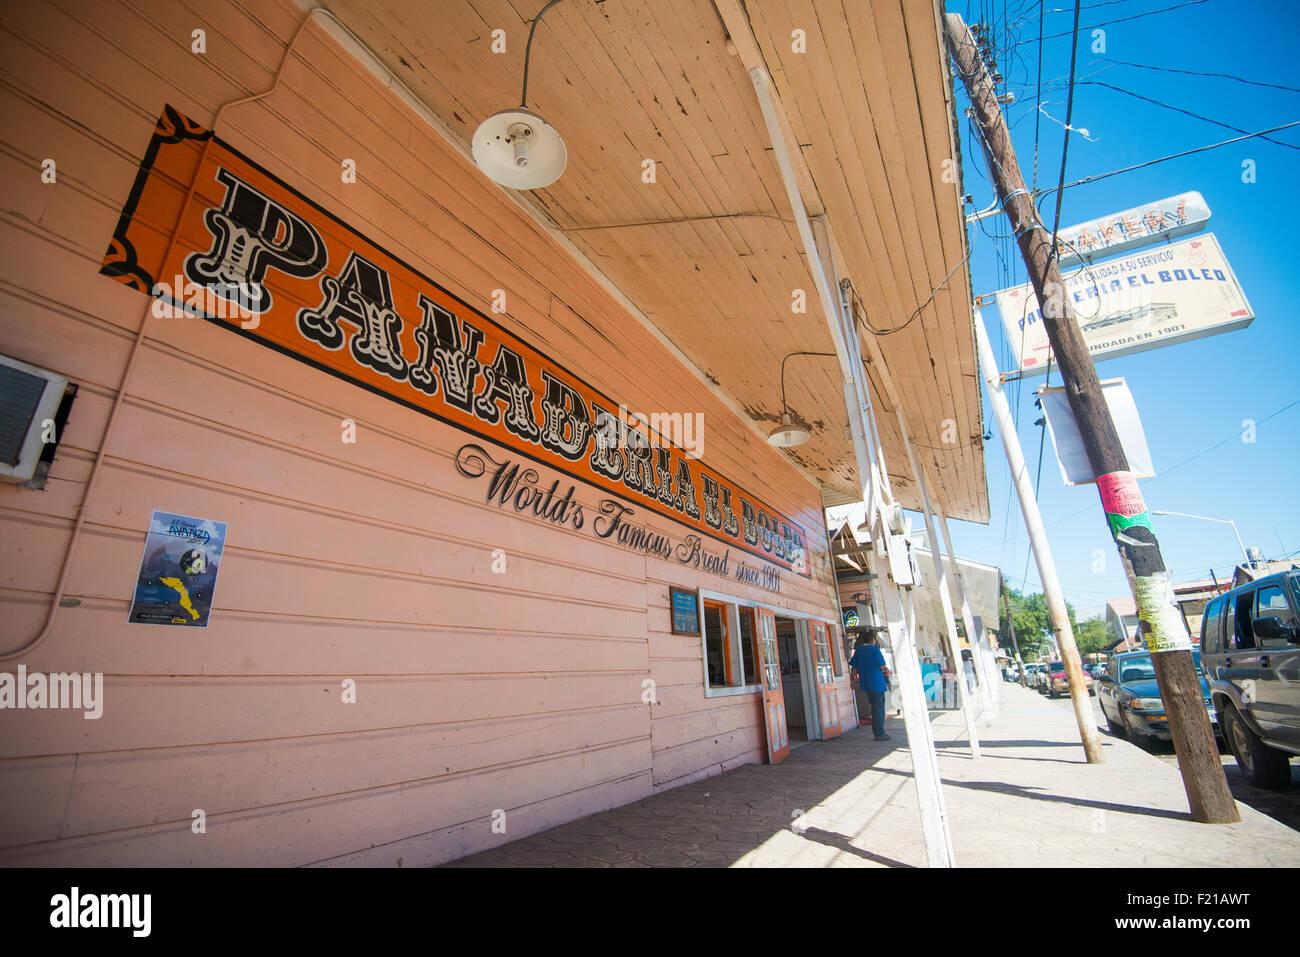 Mexico, Santa Rosalia. Panaderia El Boleo. Iamge of bakery storefront. - Stock Image